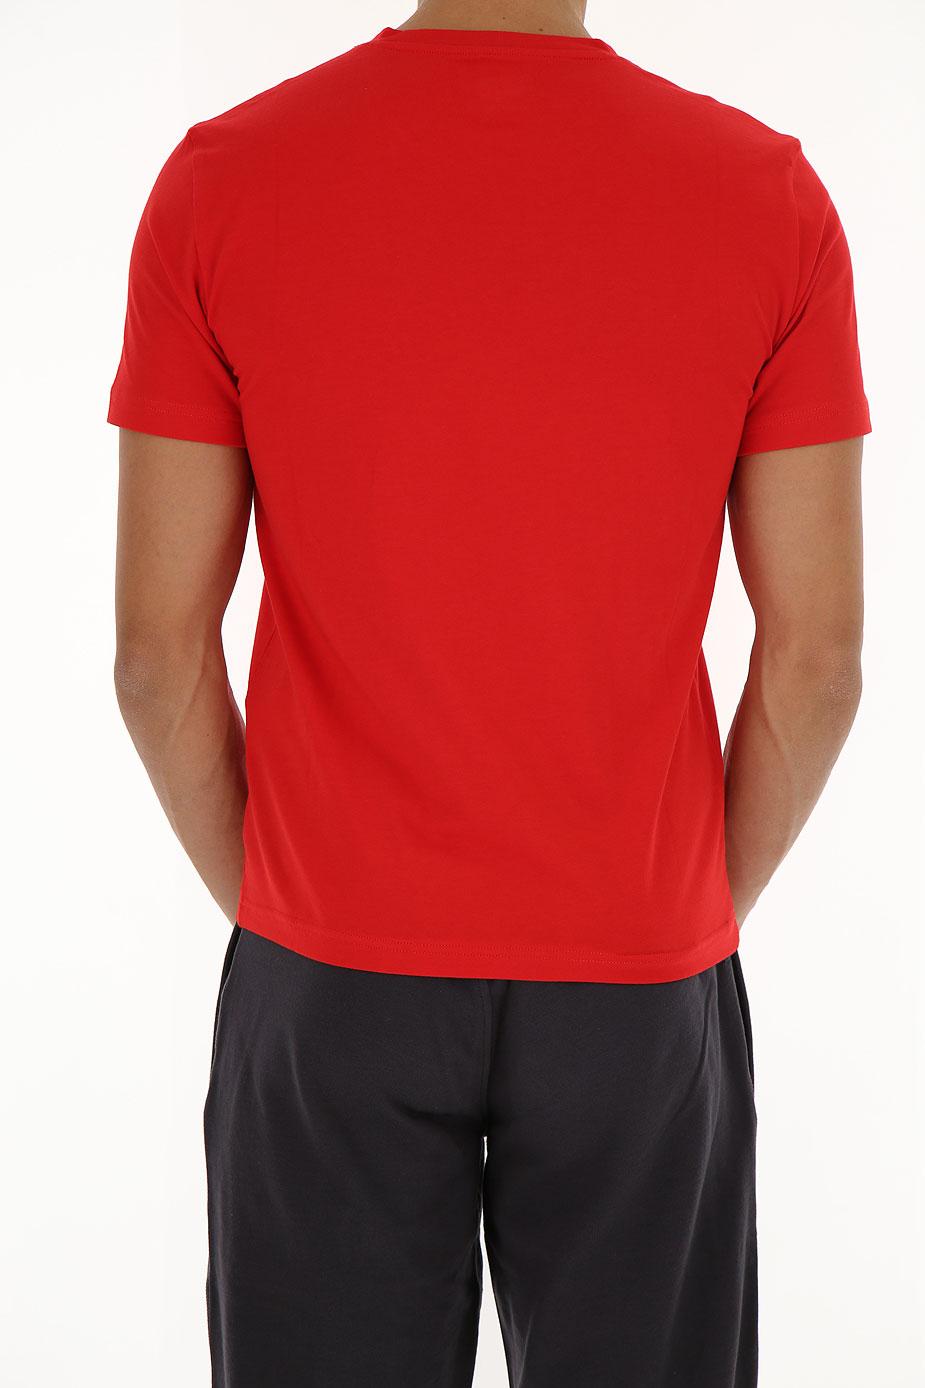 Abbigliamento Uomo Emporio Armani, Codice Articolo: 6ypt57-pj03z-1451